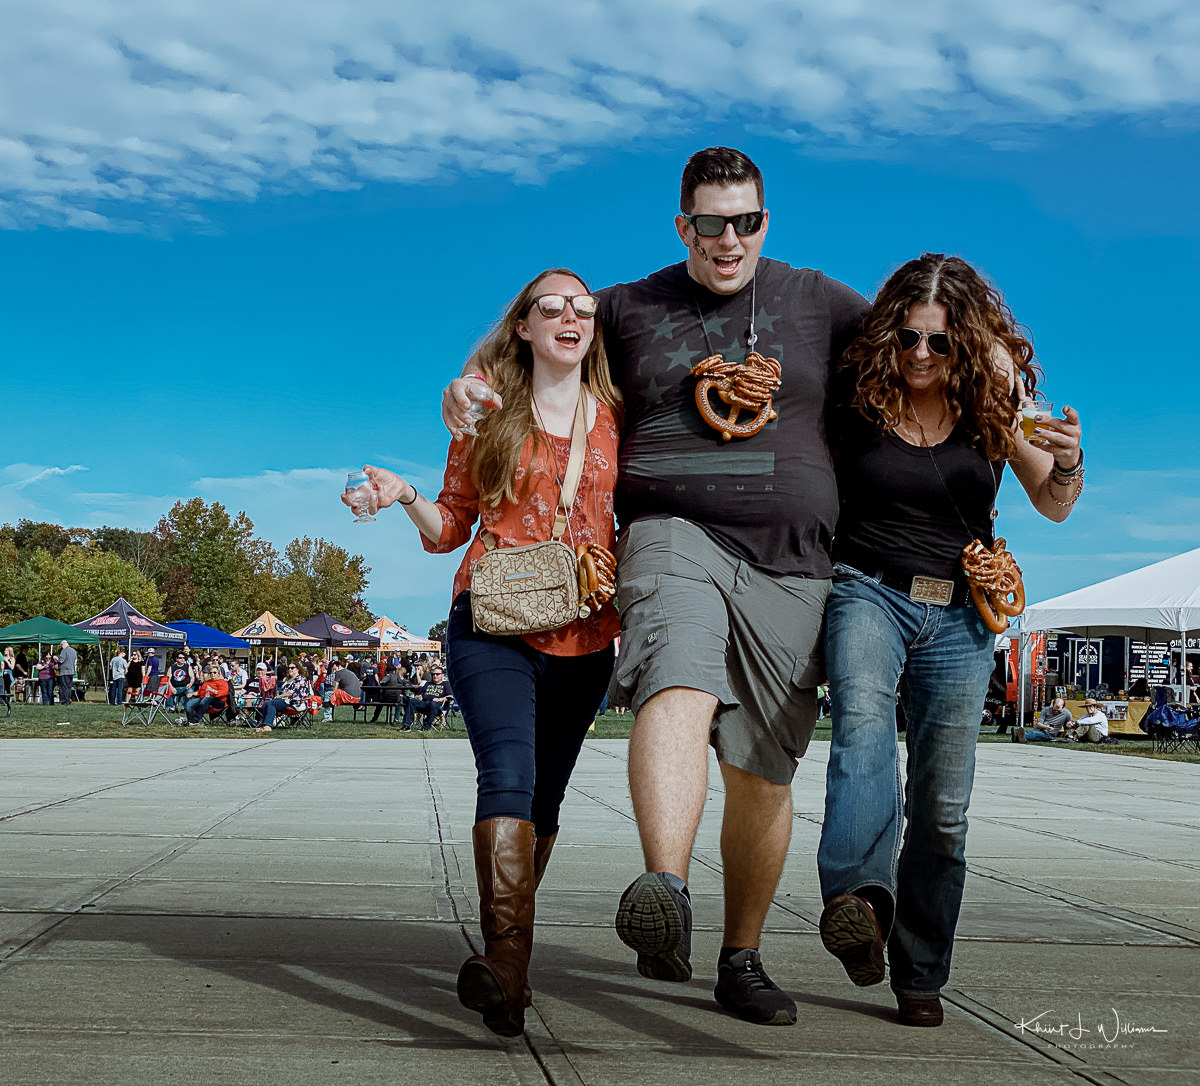 Central Jersey Beer Fest, Mercer County Park, West Windsor, New Jersey